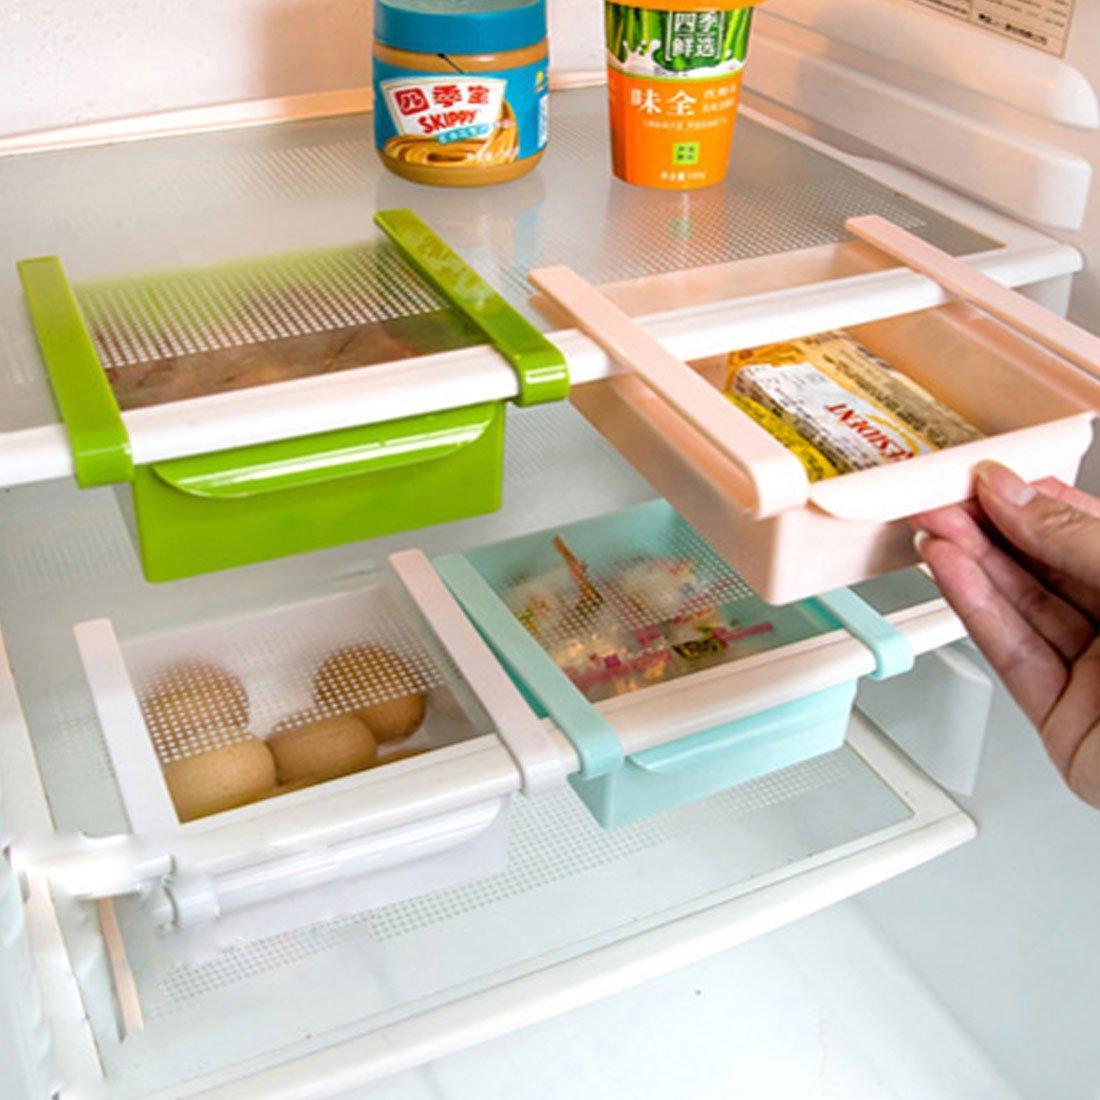 Amazon.com: DealMux plástico Frigorífico Frigorífico Congelador Gaveta Bandeja Ice Dish Armazenamento Organizer Branco: Kitchen & Dining